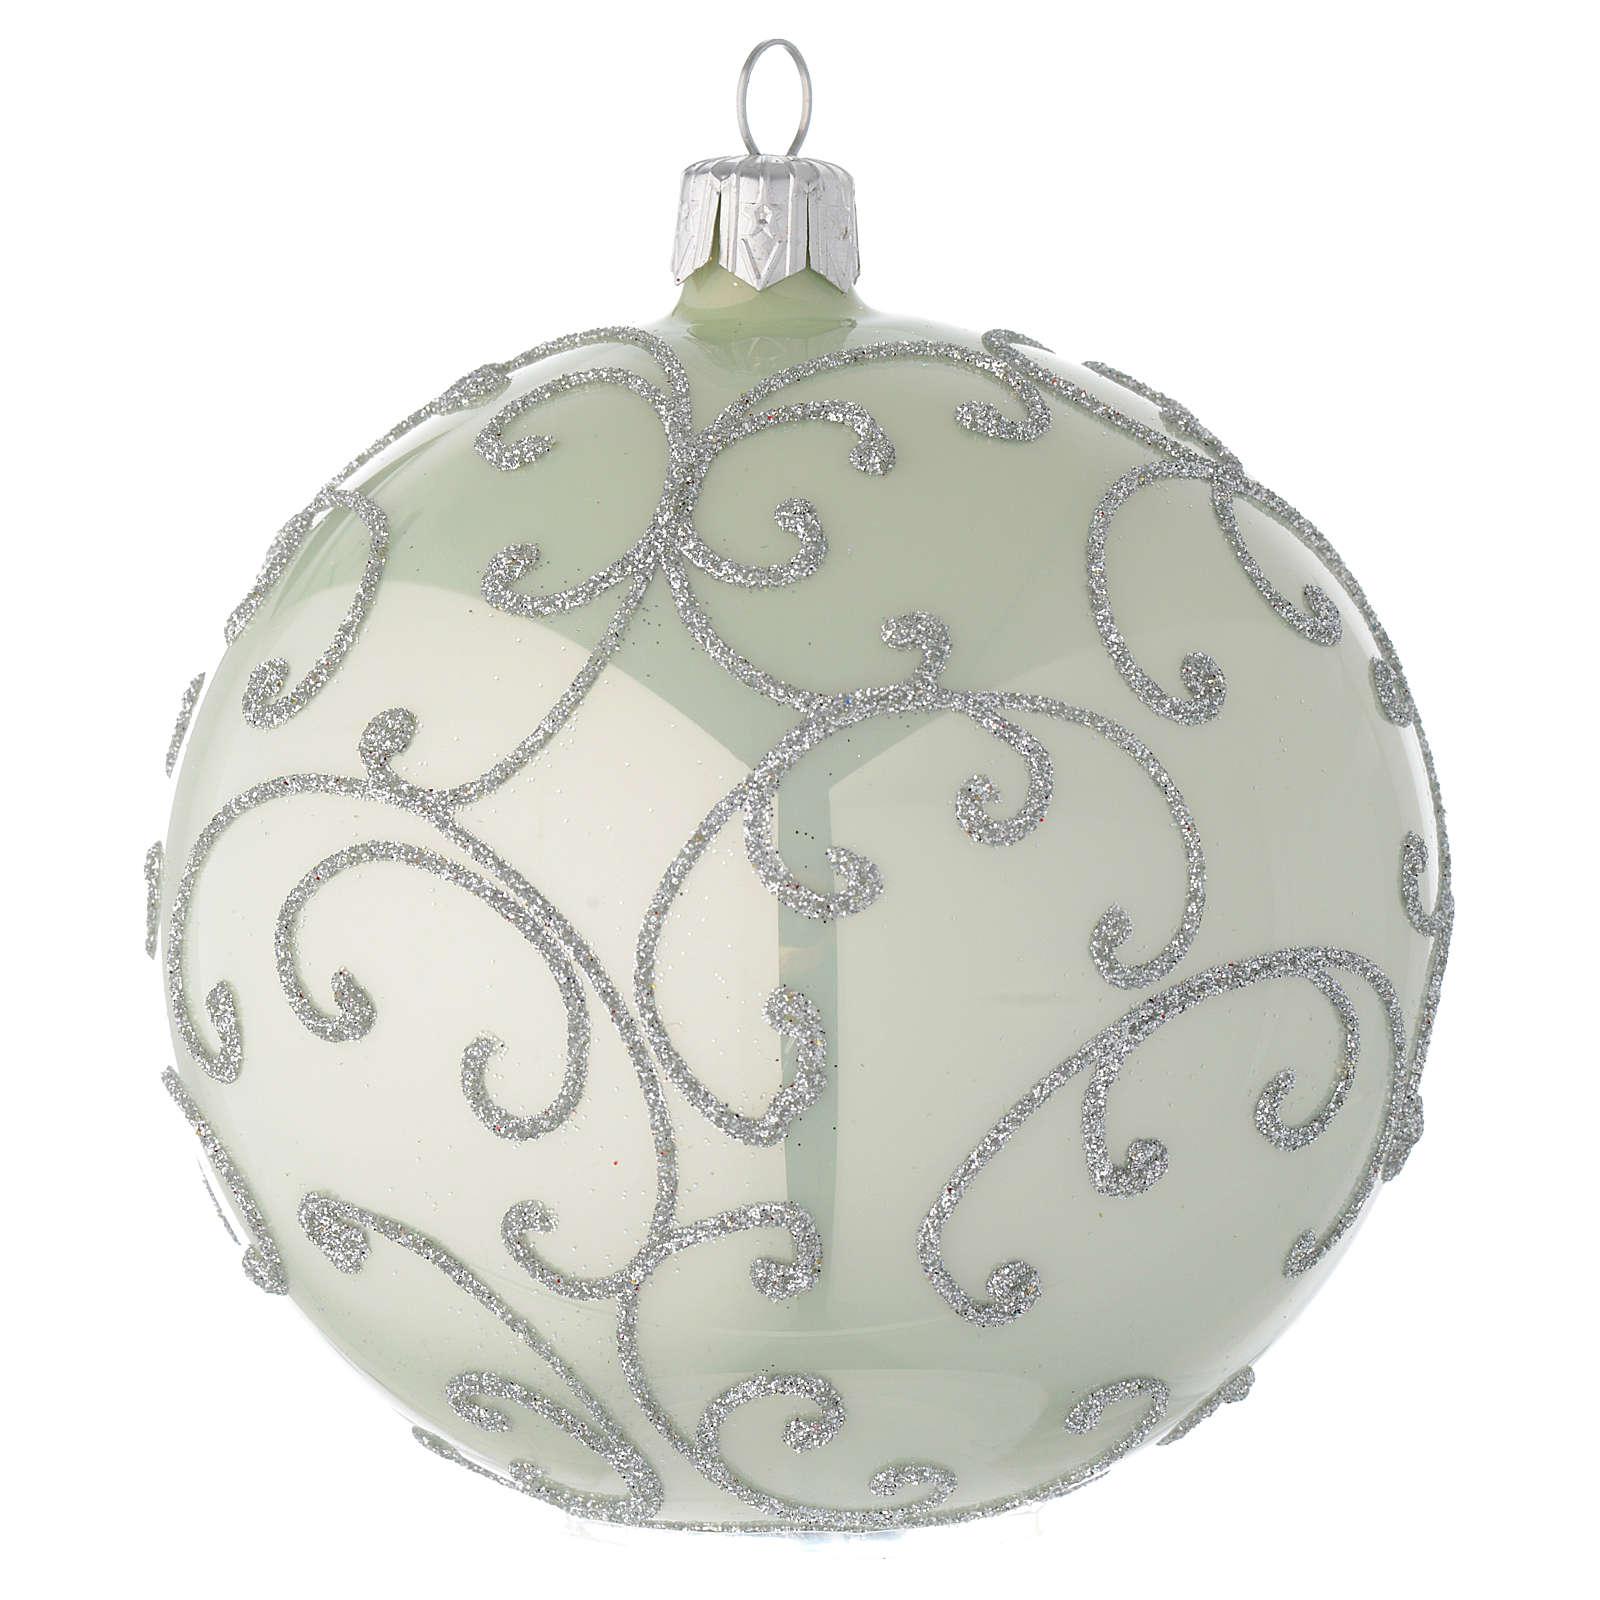 Bombka bożonarodzeniowa szkło zielone i srebrne 100mm 4